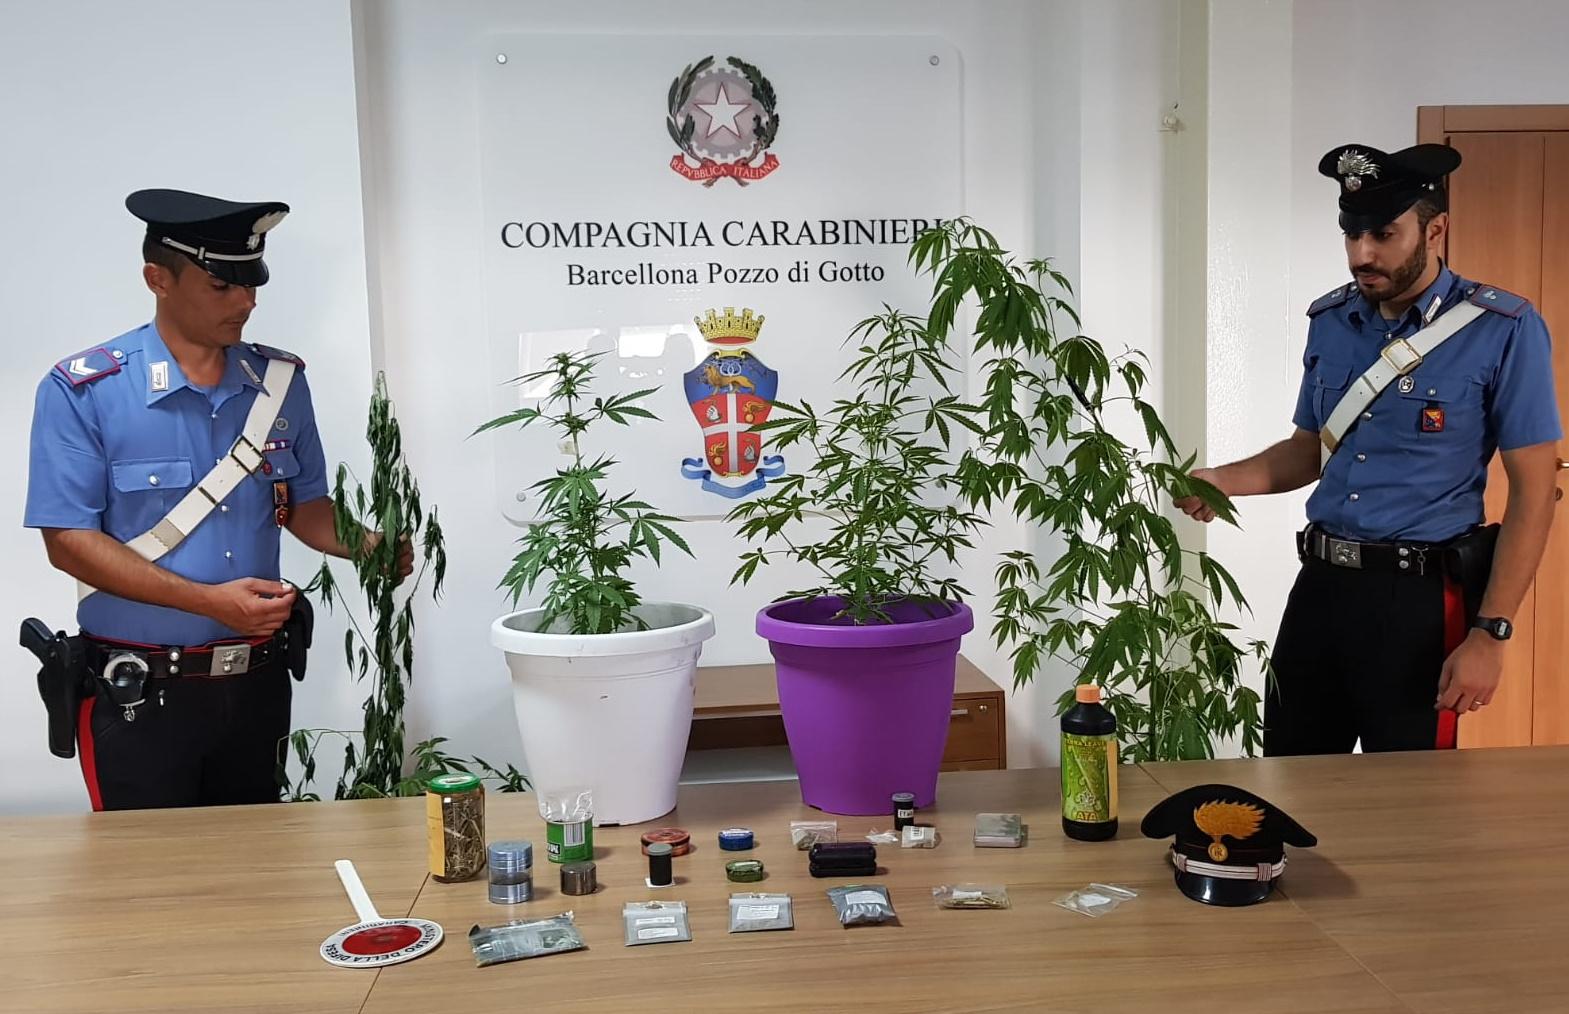 Blitz antidroga, trovati in appartamento 4 piante di cannabis e altri stupefacenti: arrestato pregiudicato